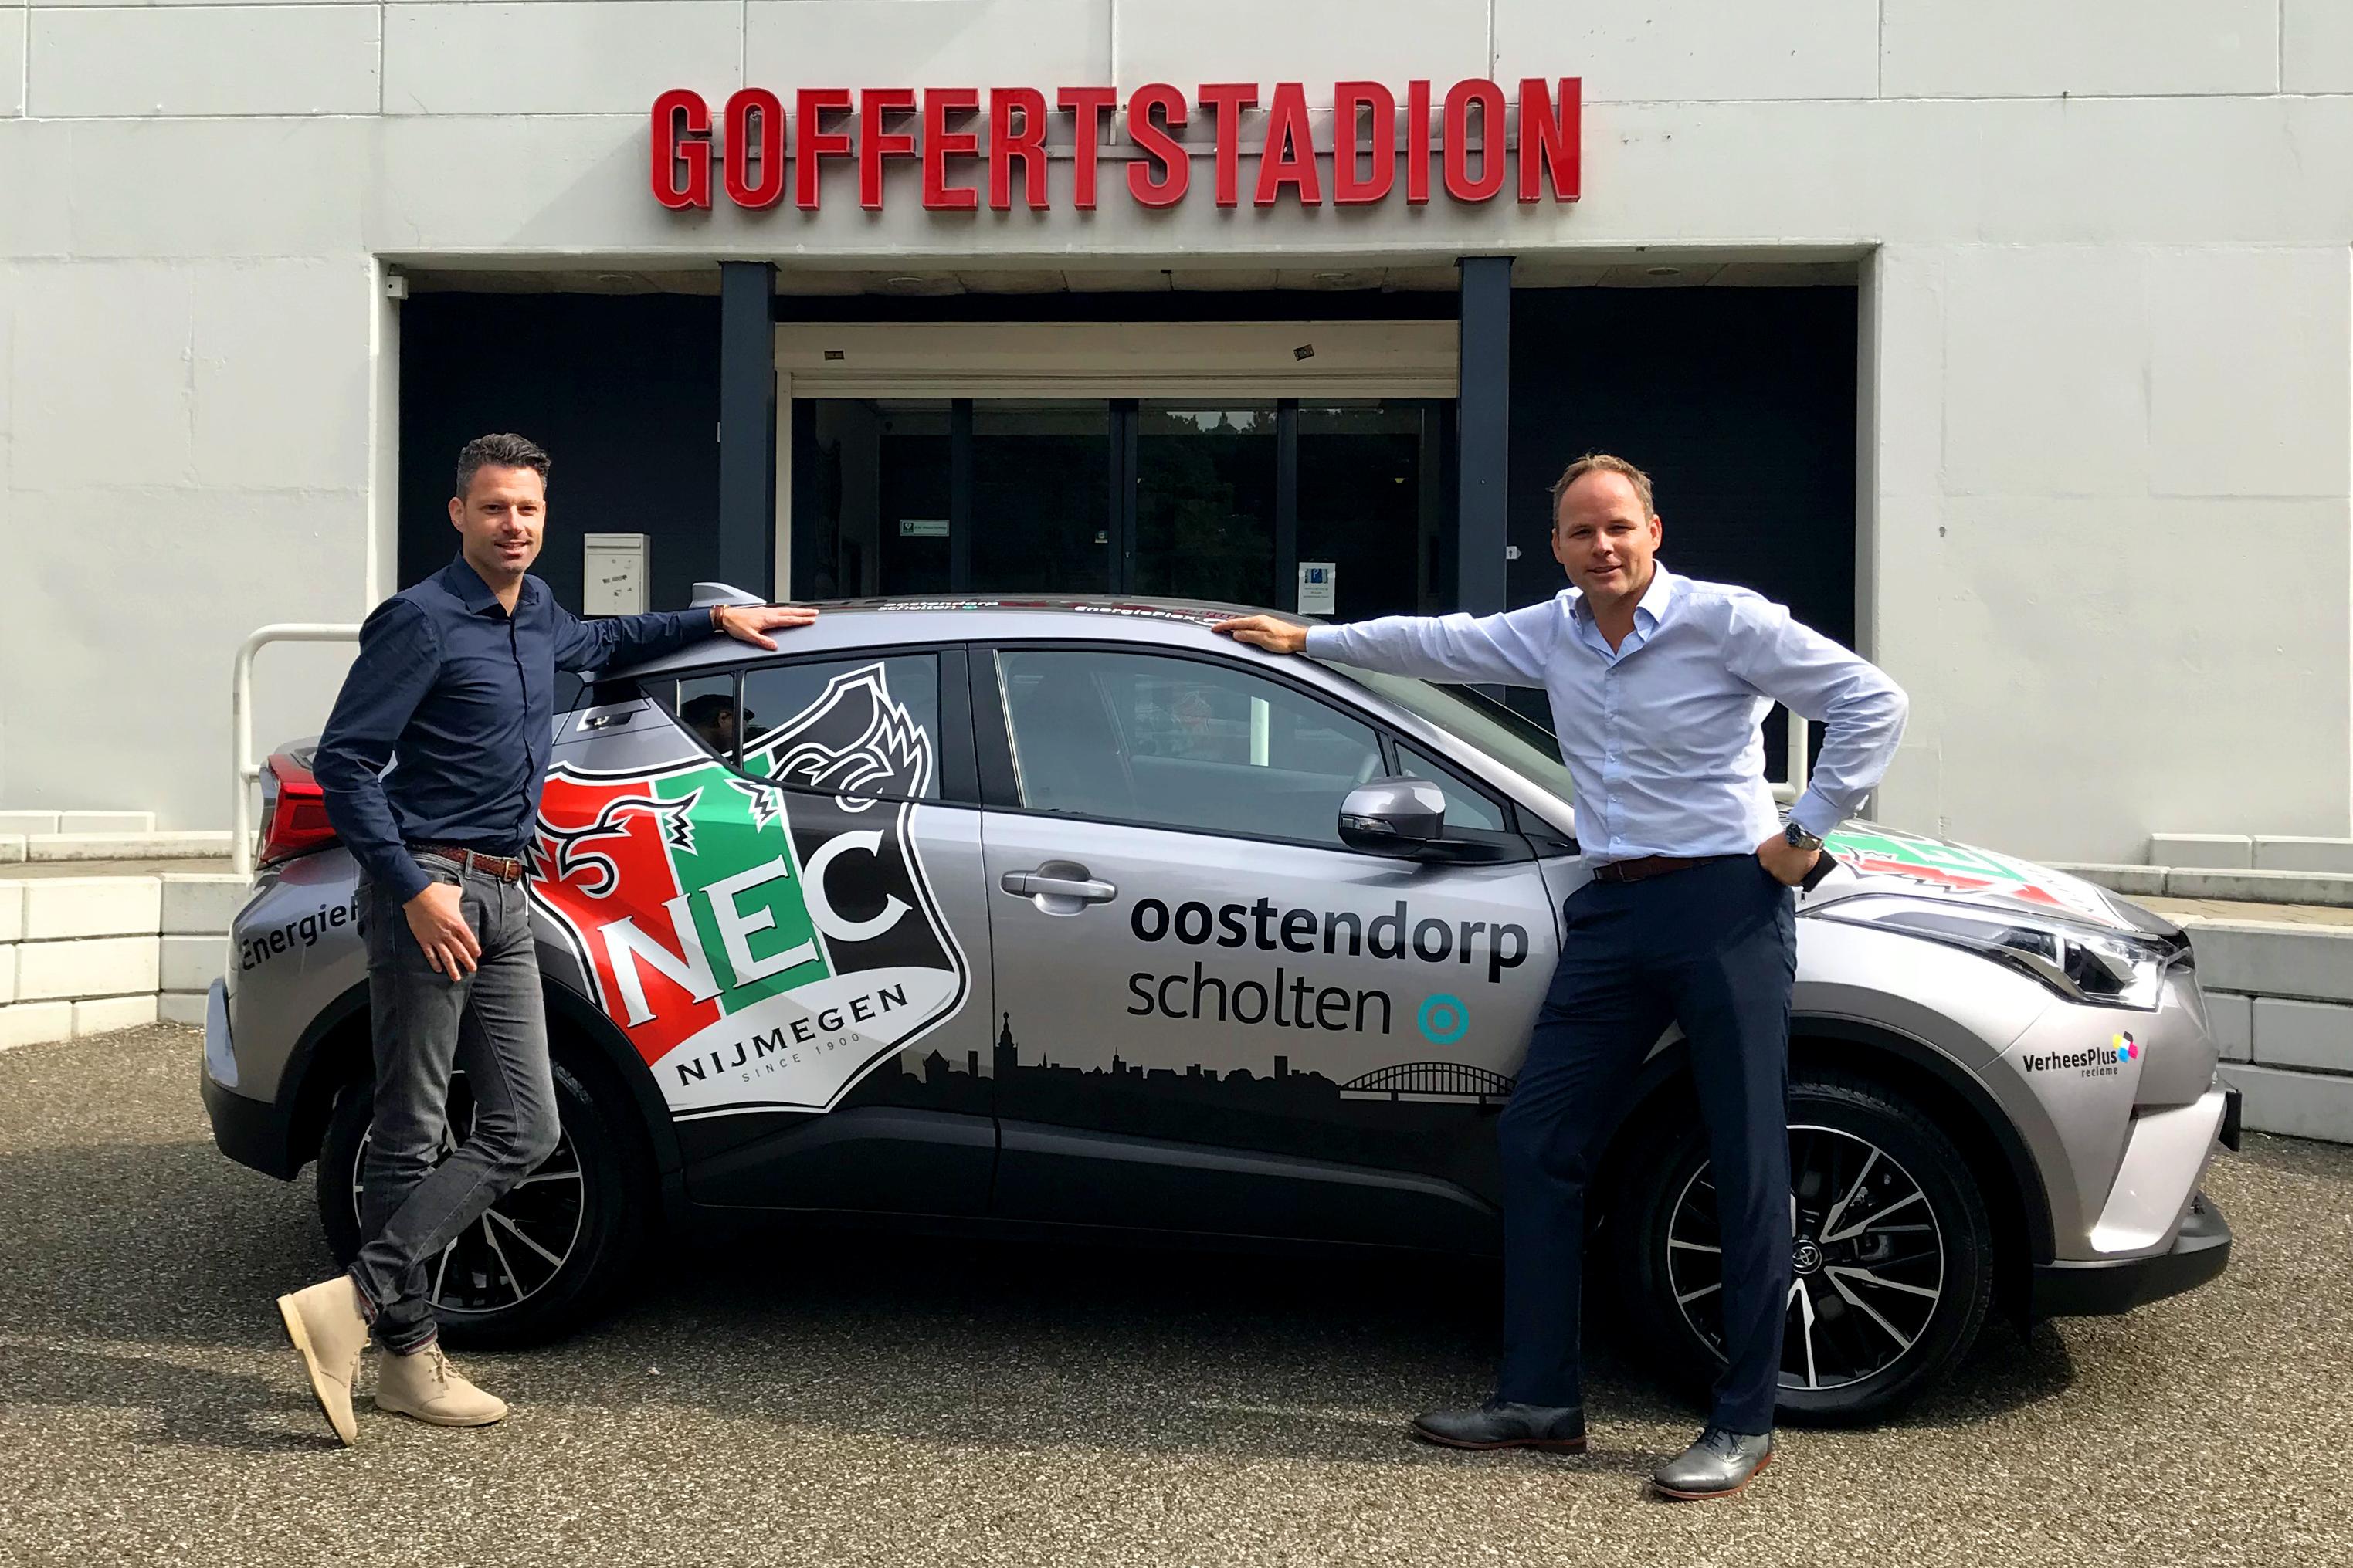 Toyota Garage Nijmegen : N e c oostendorp scholten levert nieuwe toyota c hr aan n e c